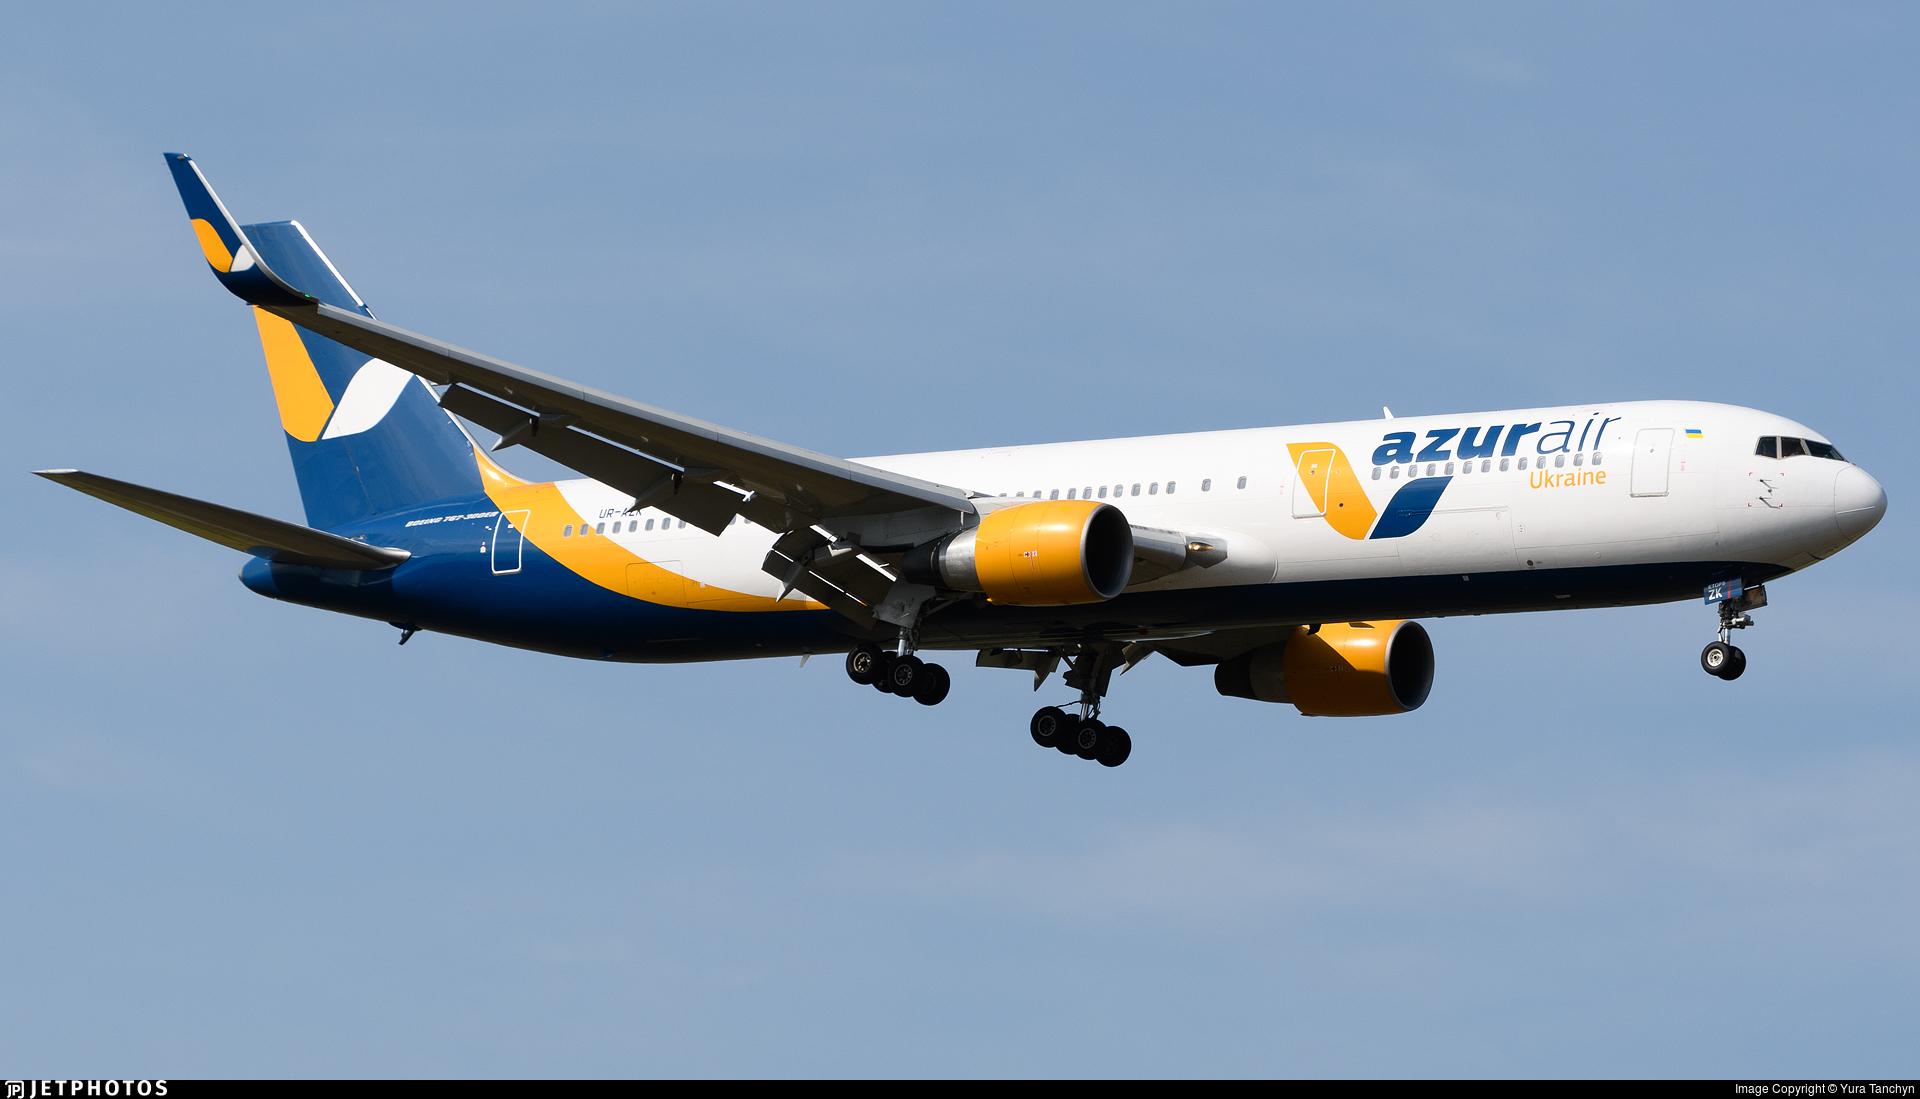 UR-AZK - Boeing 767-33A(ER) - Azur Air Ukraine